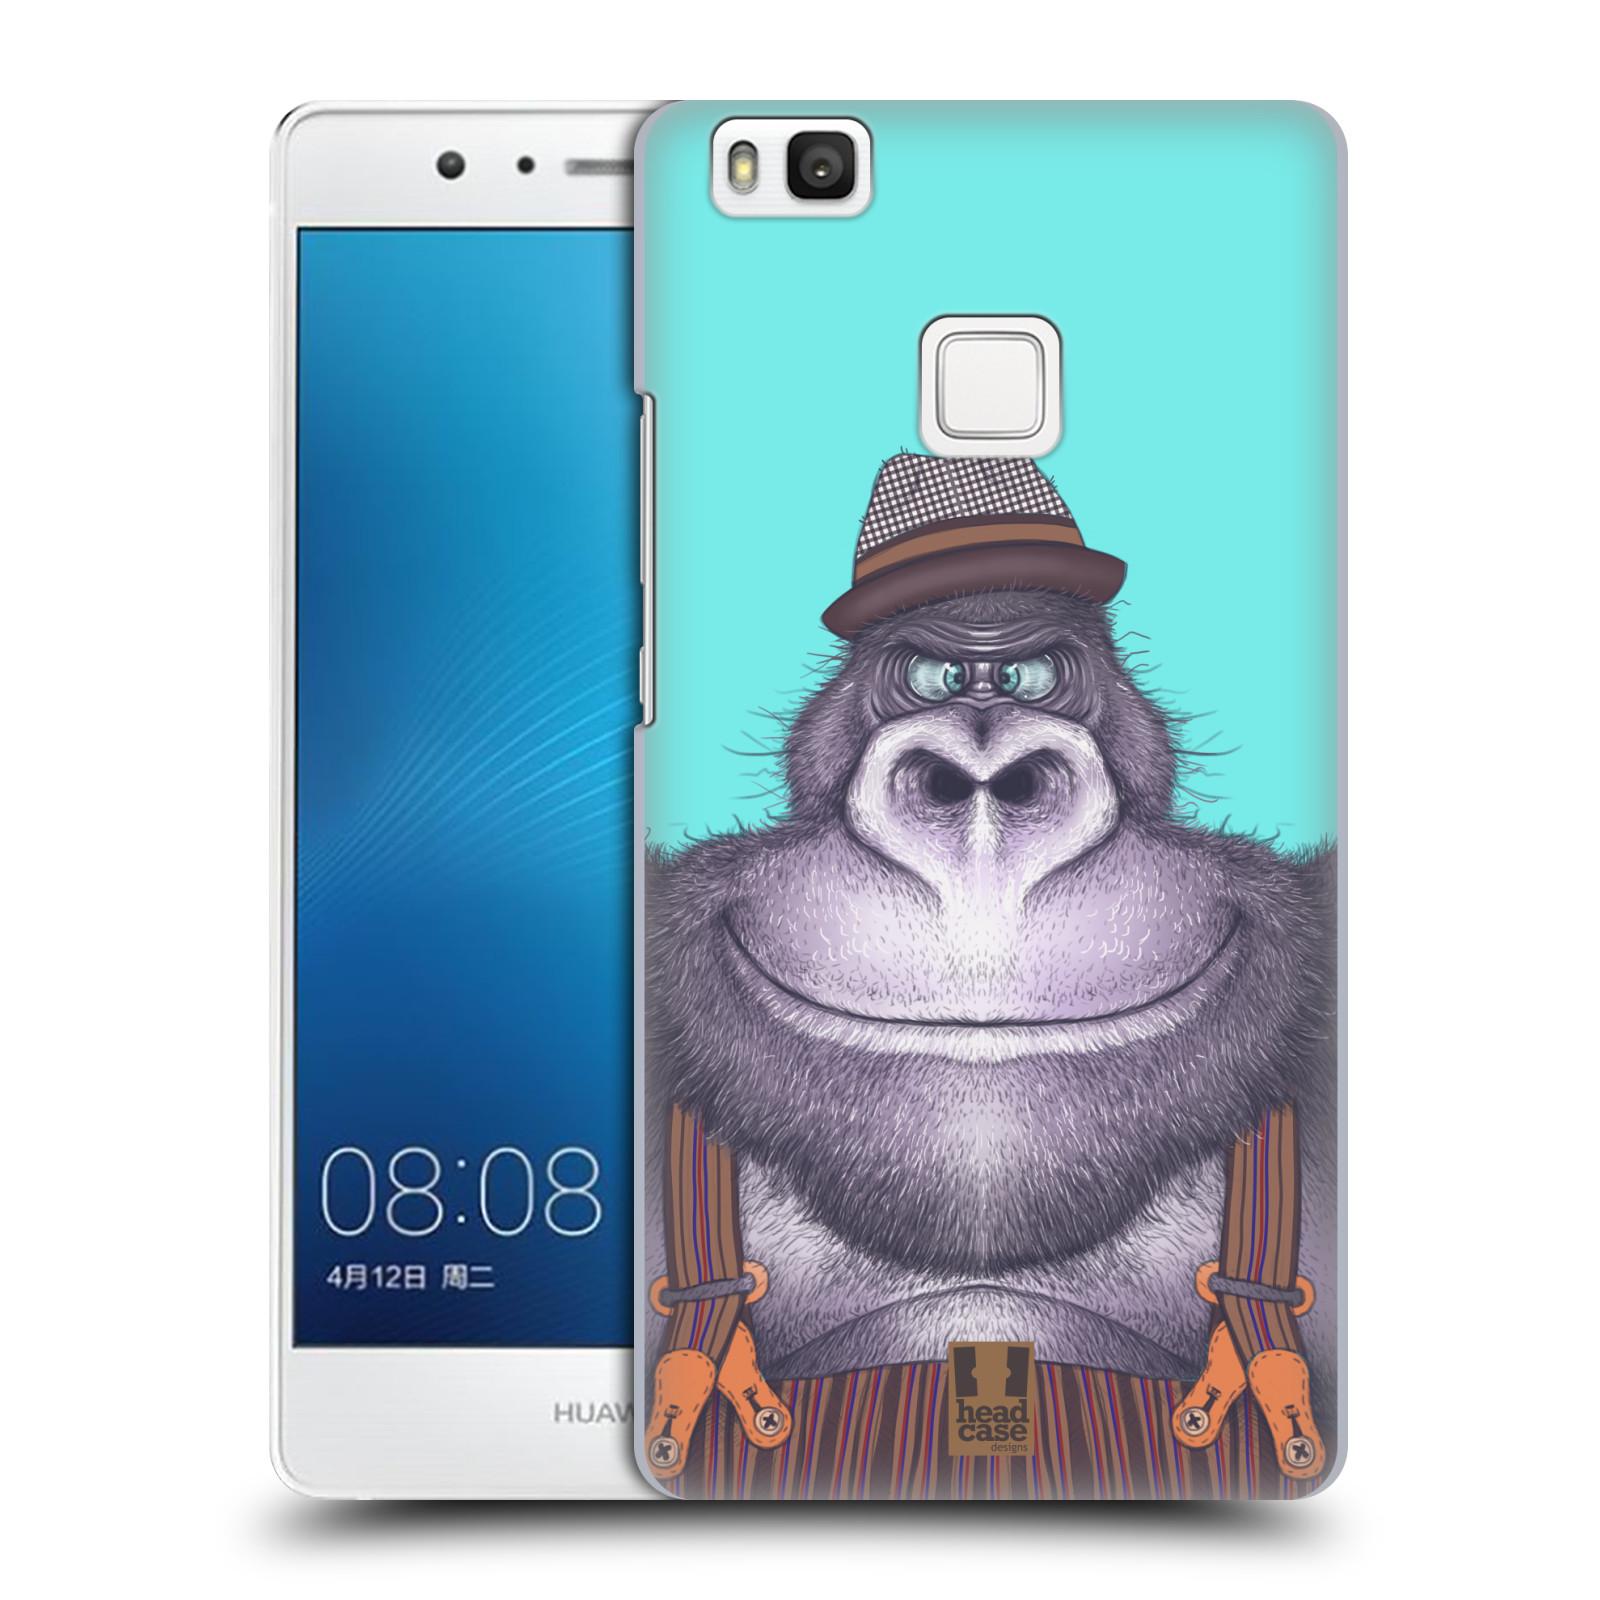 HEAD CASE plastový obal na mobil Huawei P9 LITE / P9 LITE DUAL SIM vzor Kreslená zvířátka gorila